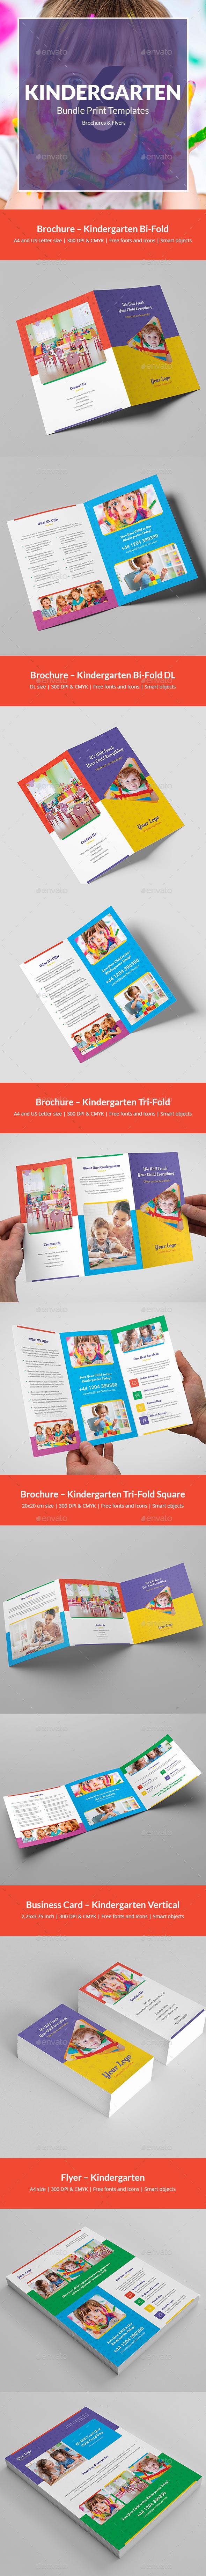 Kindergarten – Bundle Print Templates 6 in 1 - Informational Brochures